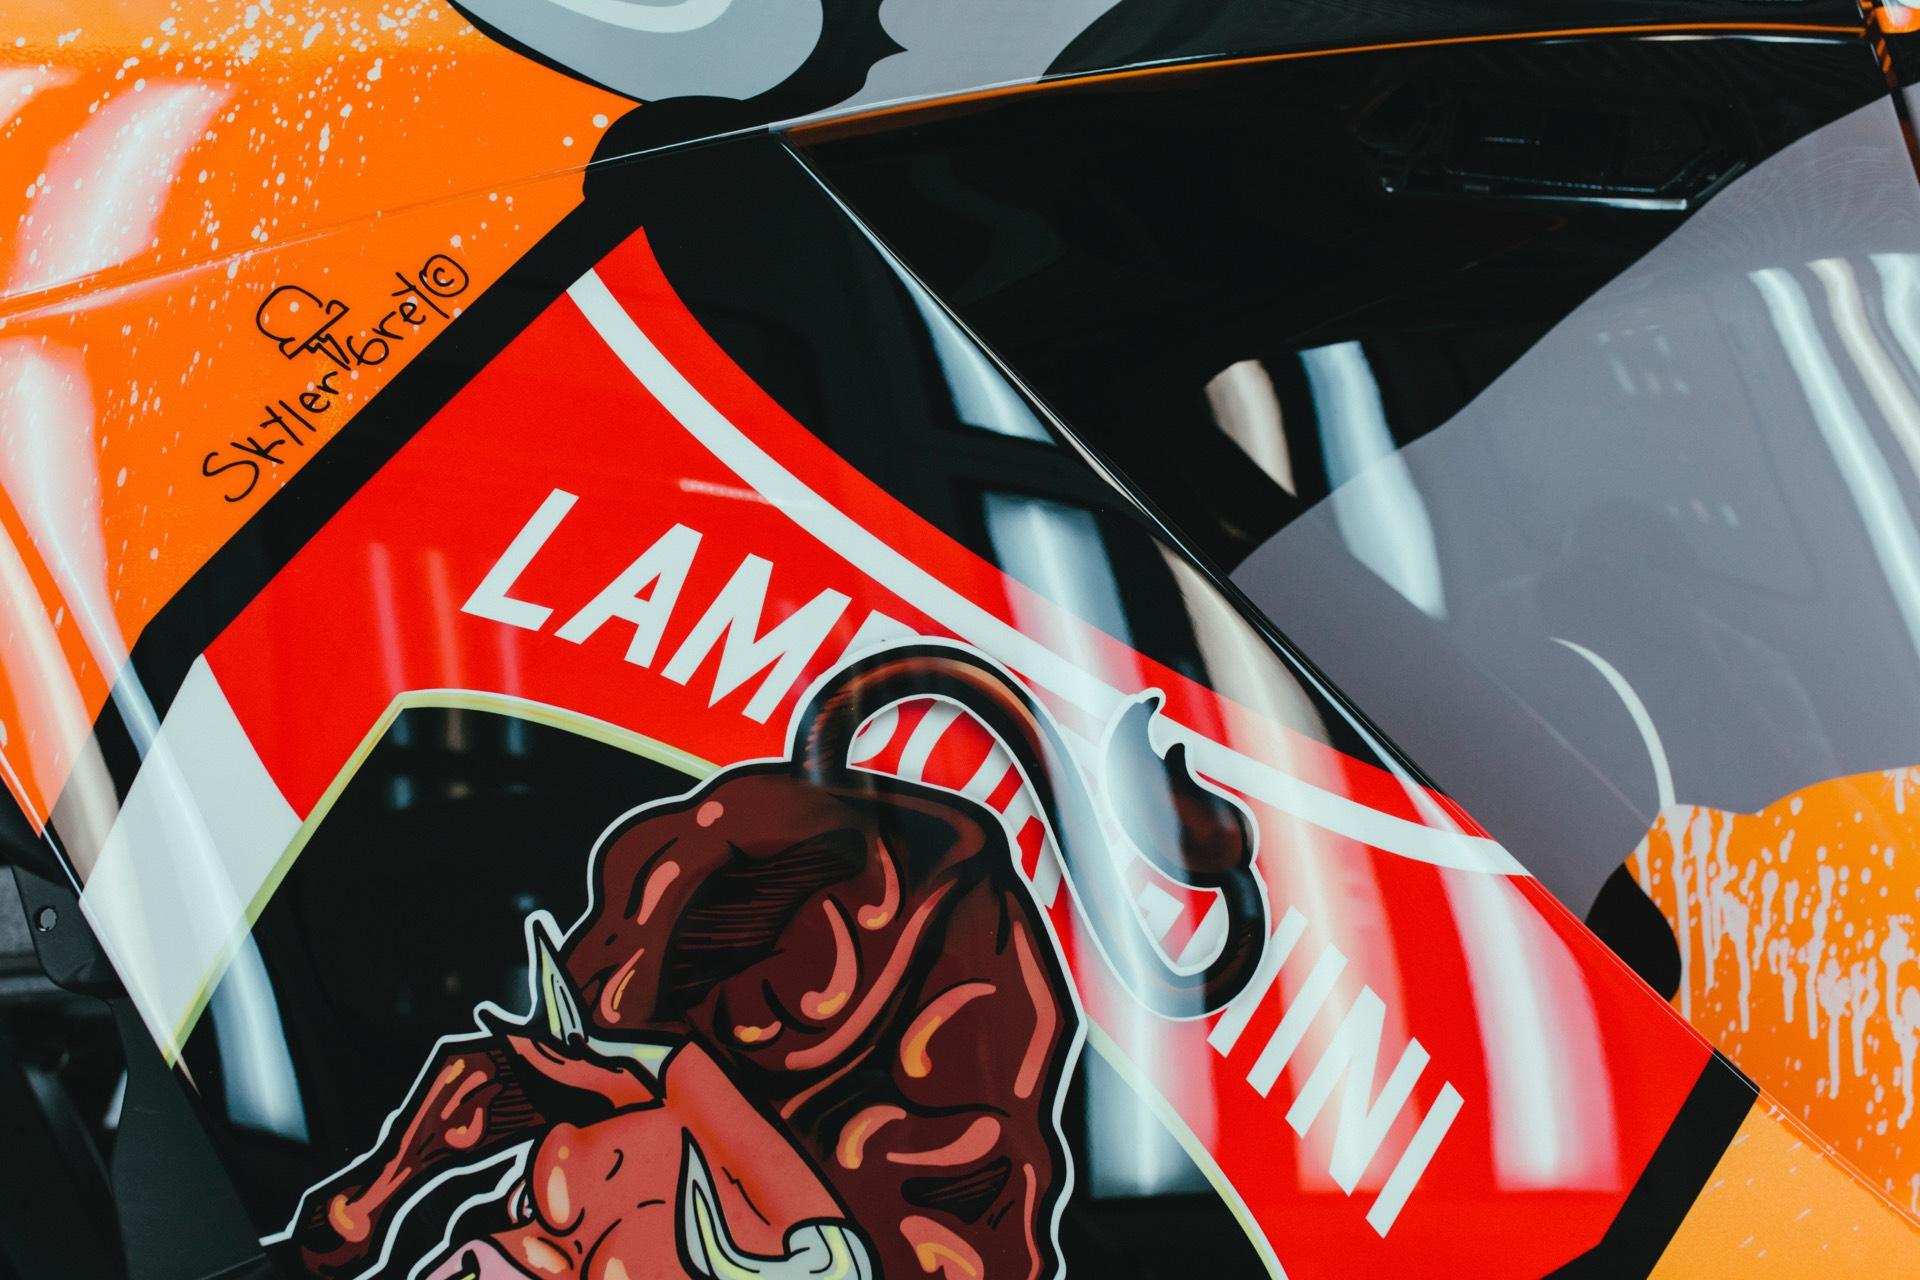 Skyler-Grey-Lamborghini-Aventador-S-Art-Car2